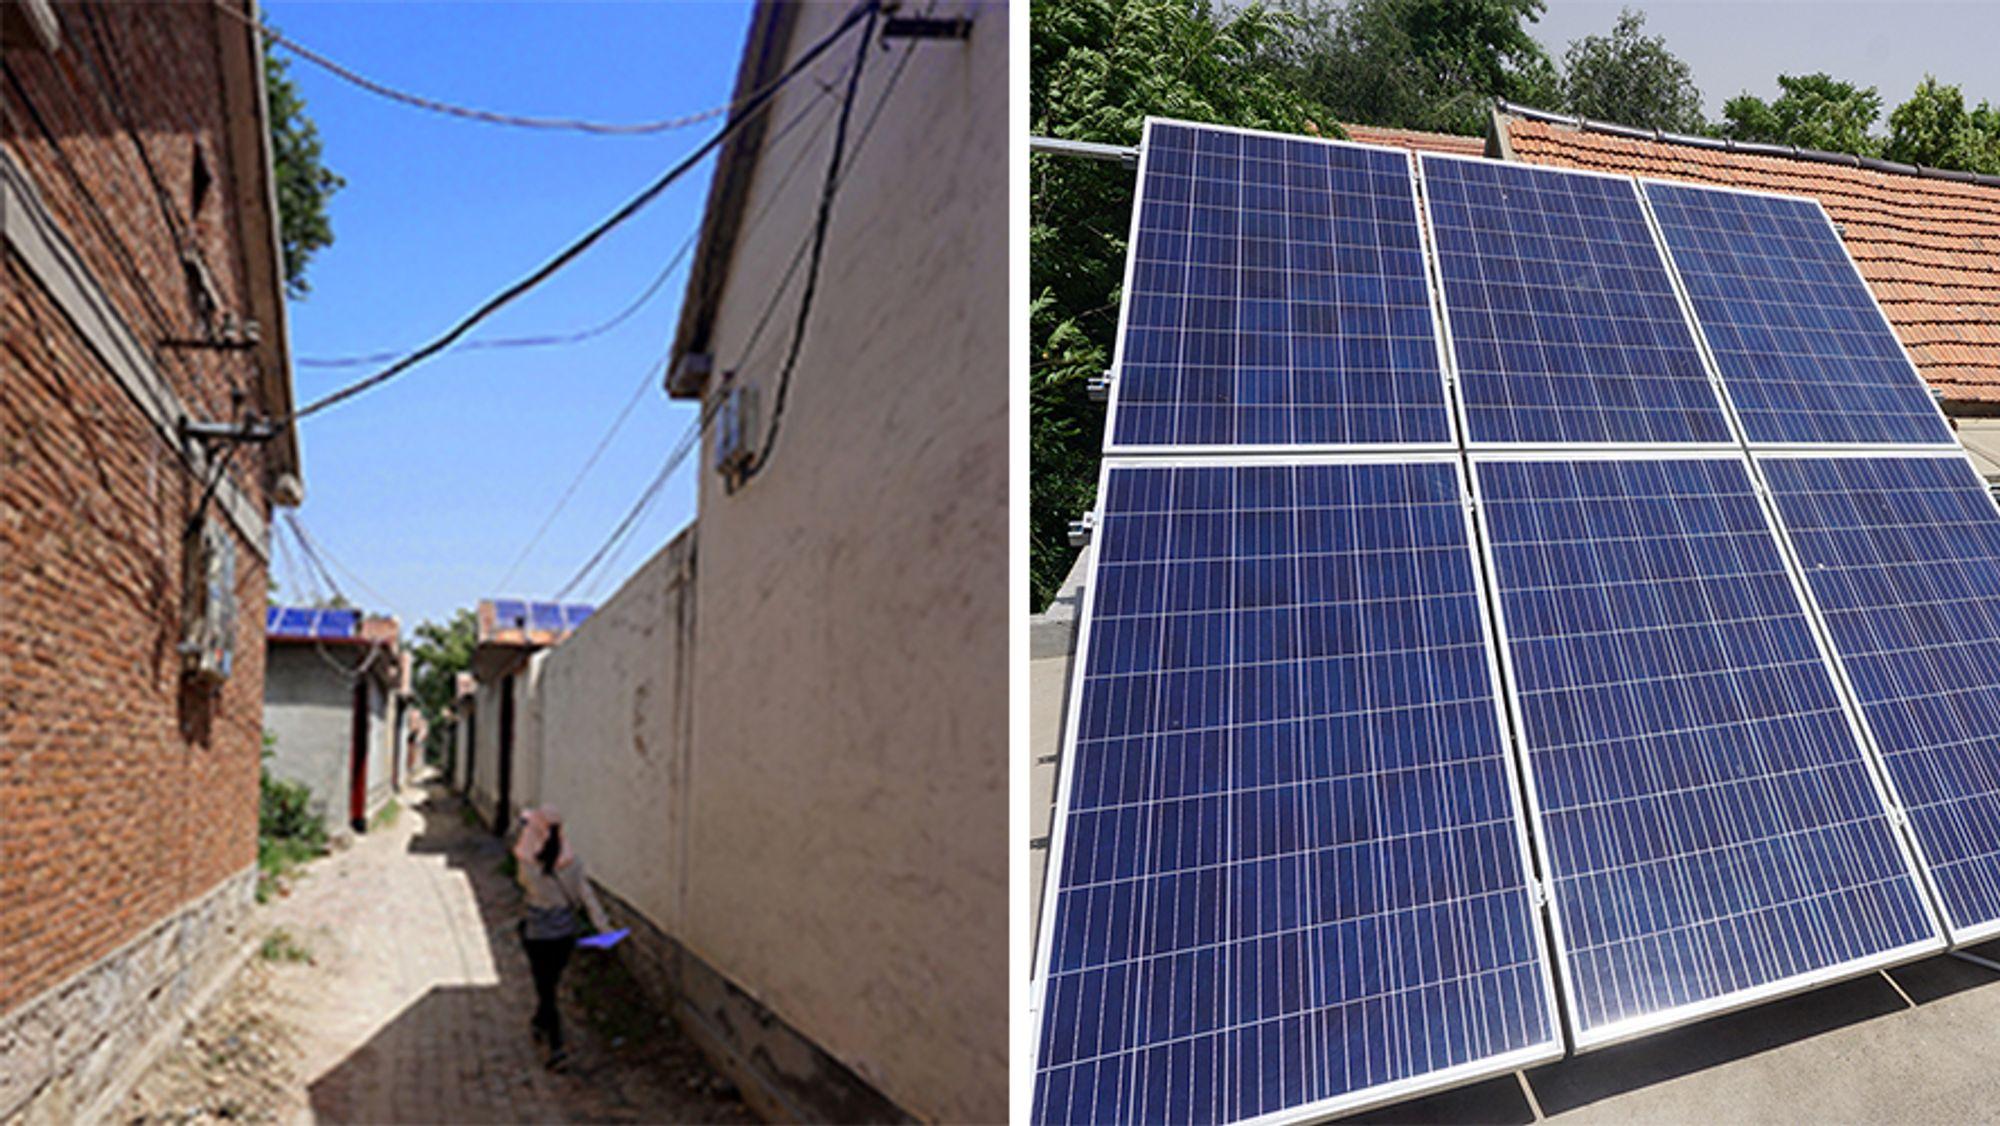 Nå etableres solcellepanel også på den kinesiske landsbygda. – Den raske veksten skyldes i stor grad at myndighetene har klart å etablere gode støtteordninger. Samtidig har de vært nødt til å finne en balanse slik at støtteordningene ikke blir for gode og at det bygges ut for mye på en gang, sier Marius Korsnes.